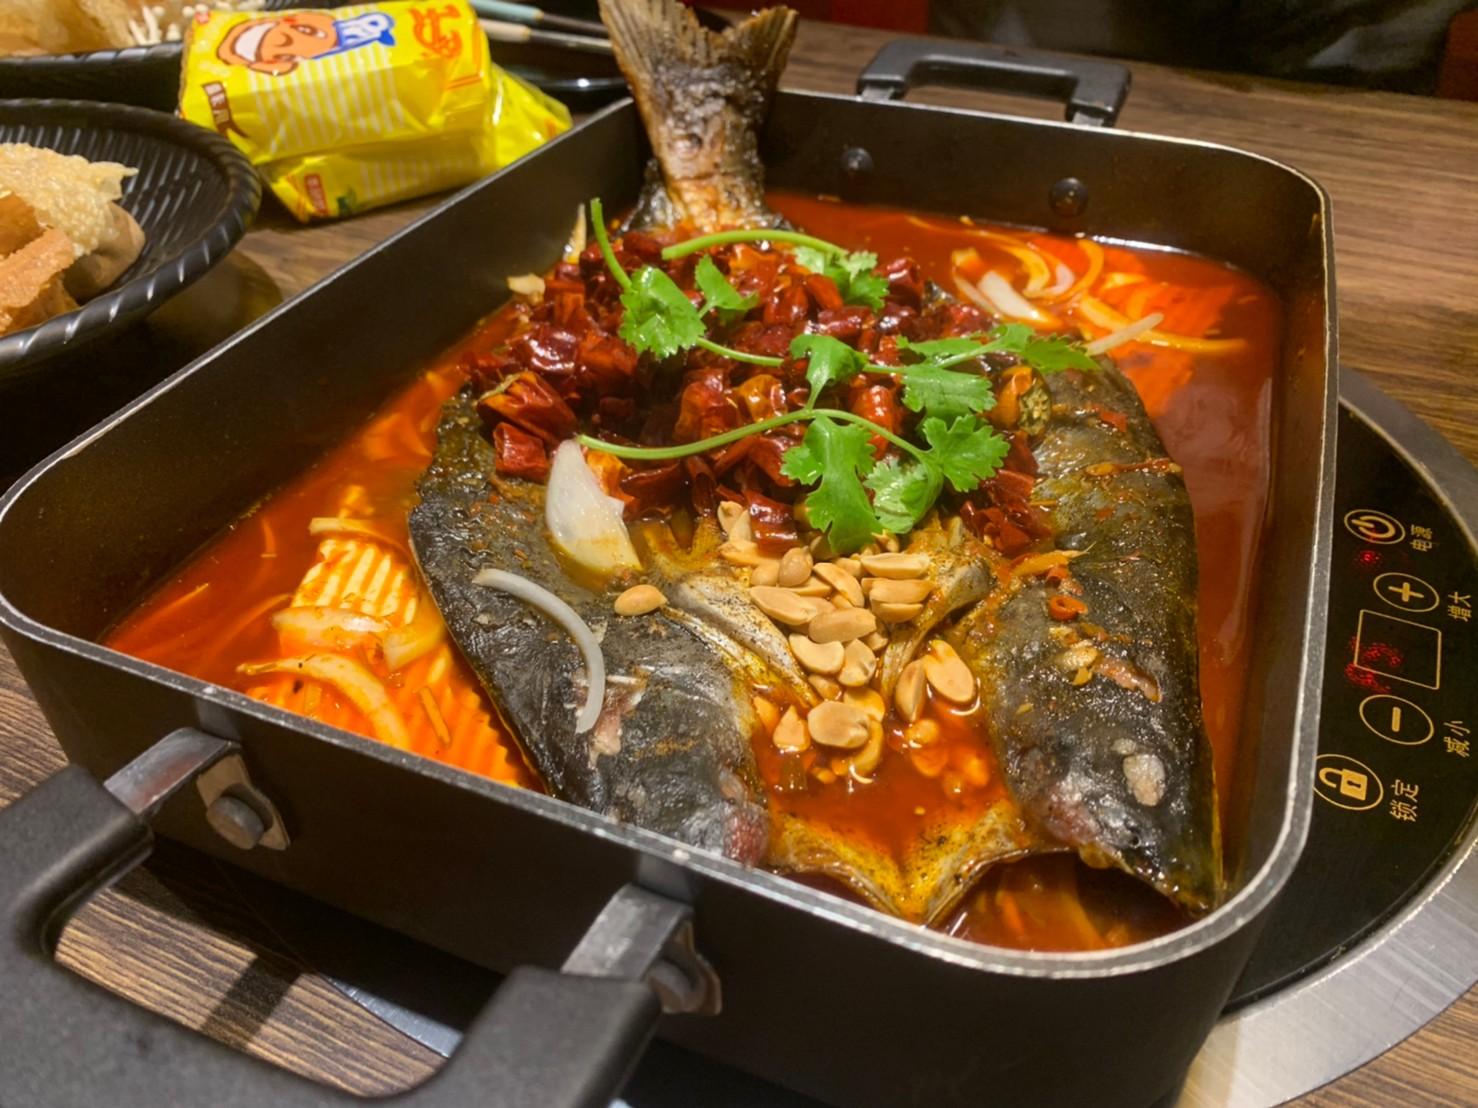 桃園。億魚麻辣鍋   重慶烤魚   中壢晚餐